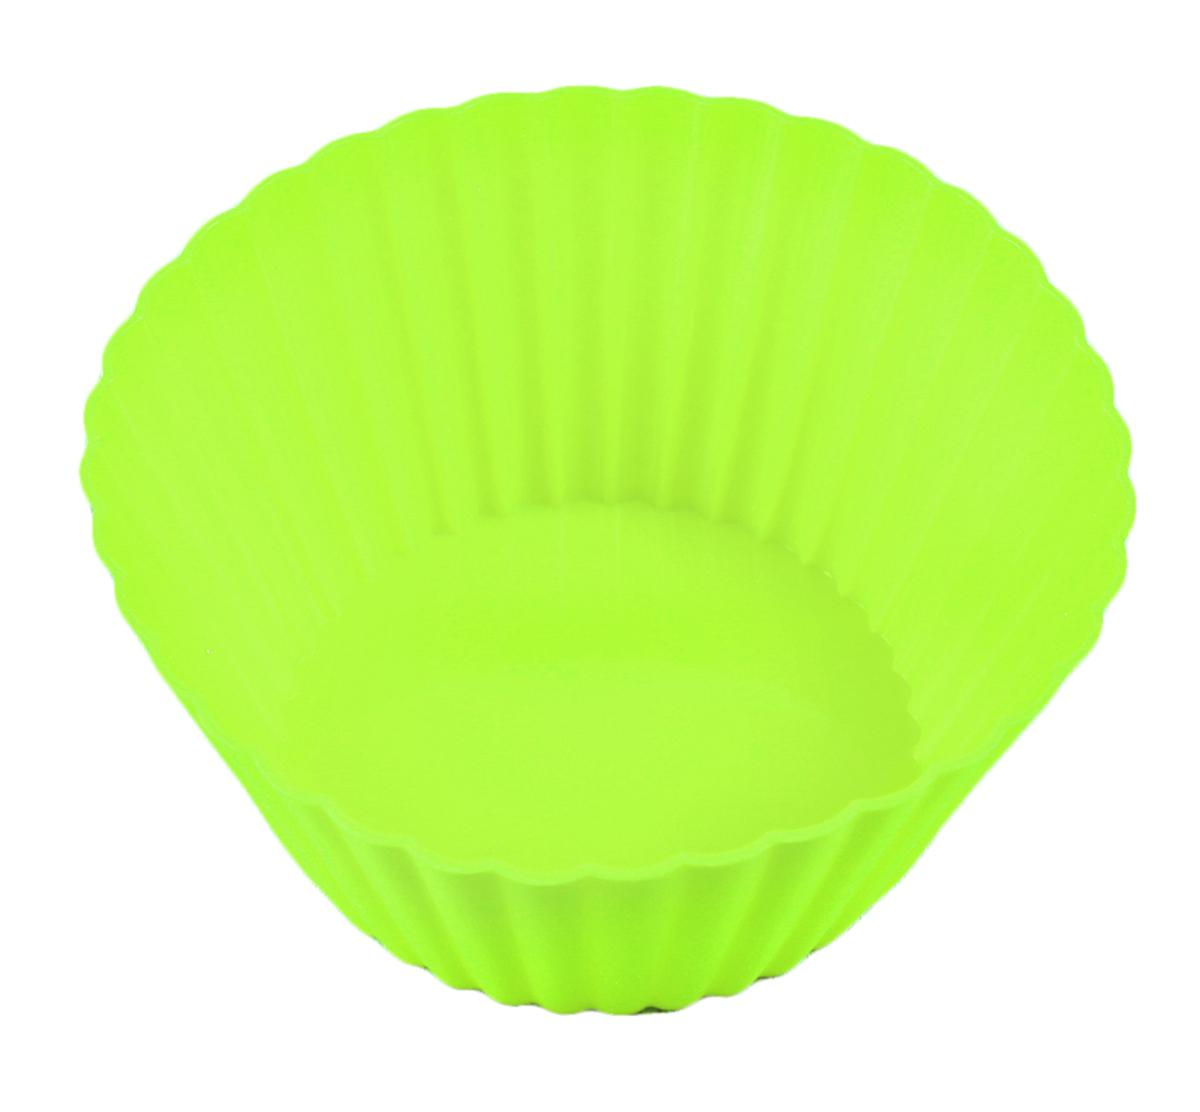 Форма для выпечки Доляна Круг. Риб, силиконовая, цвет: зеленый, диаметр 15 см811941_зеленыйОт качества посуды зависит не только вкус еды, но и здоровье человека. Форма для выпечки— товар, соответствующий российским стандартам качества. Любой хозяйке будет приятно держать его в руках. С нашей посудой и кухонной утварью приготовление еды и сервировка стола превратятся в настоящий праздник.